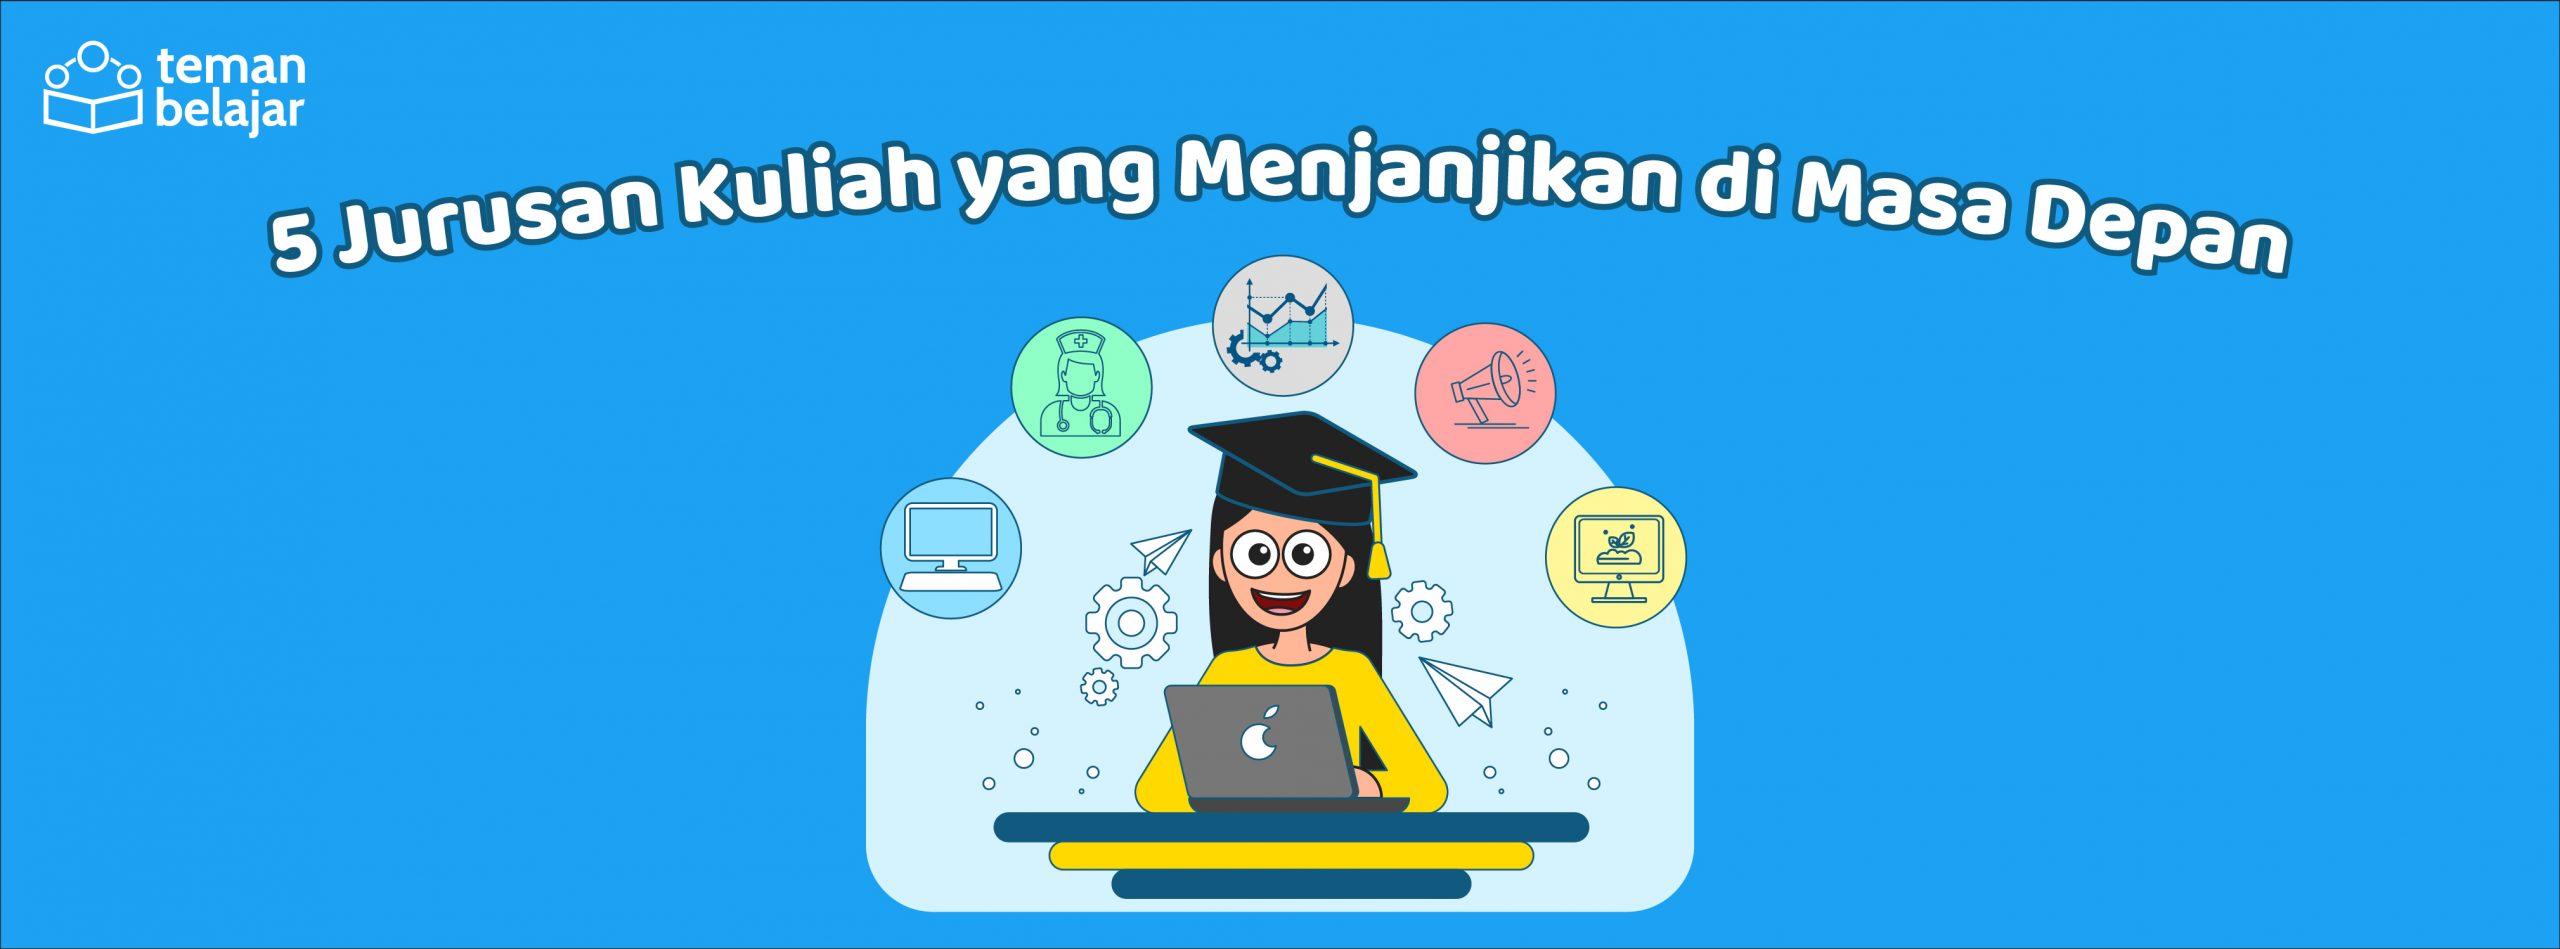 5 Jurusan Kuliah yang Menjanjikan di Masa Depan - Teman Belajar